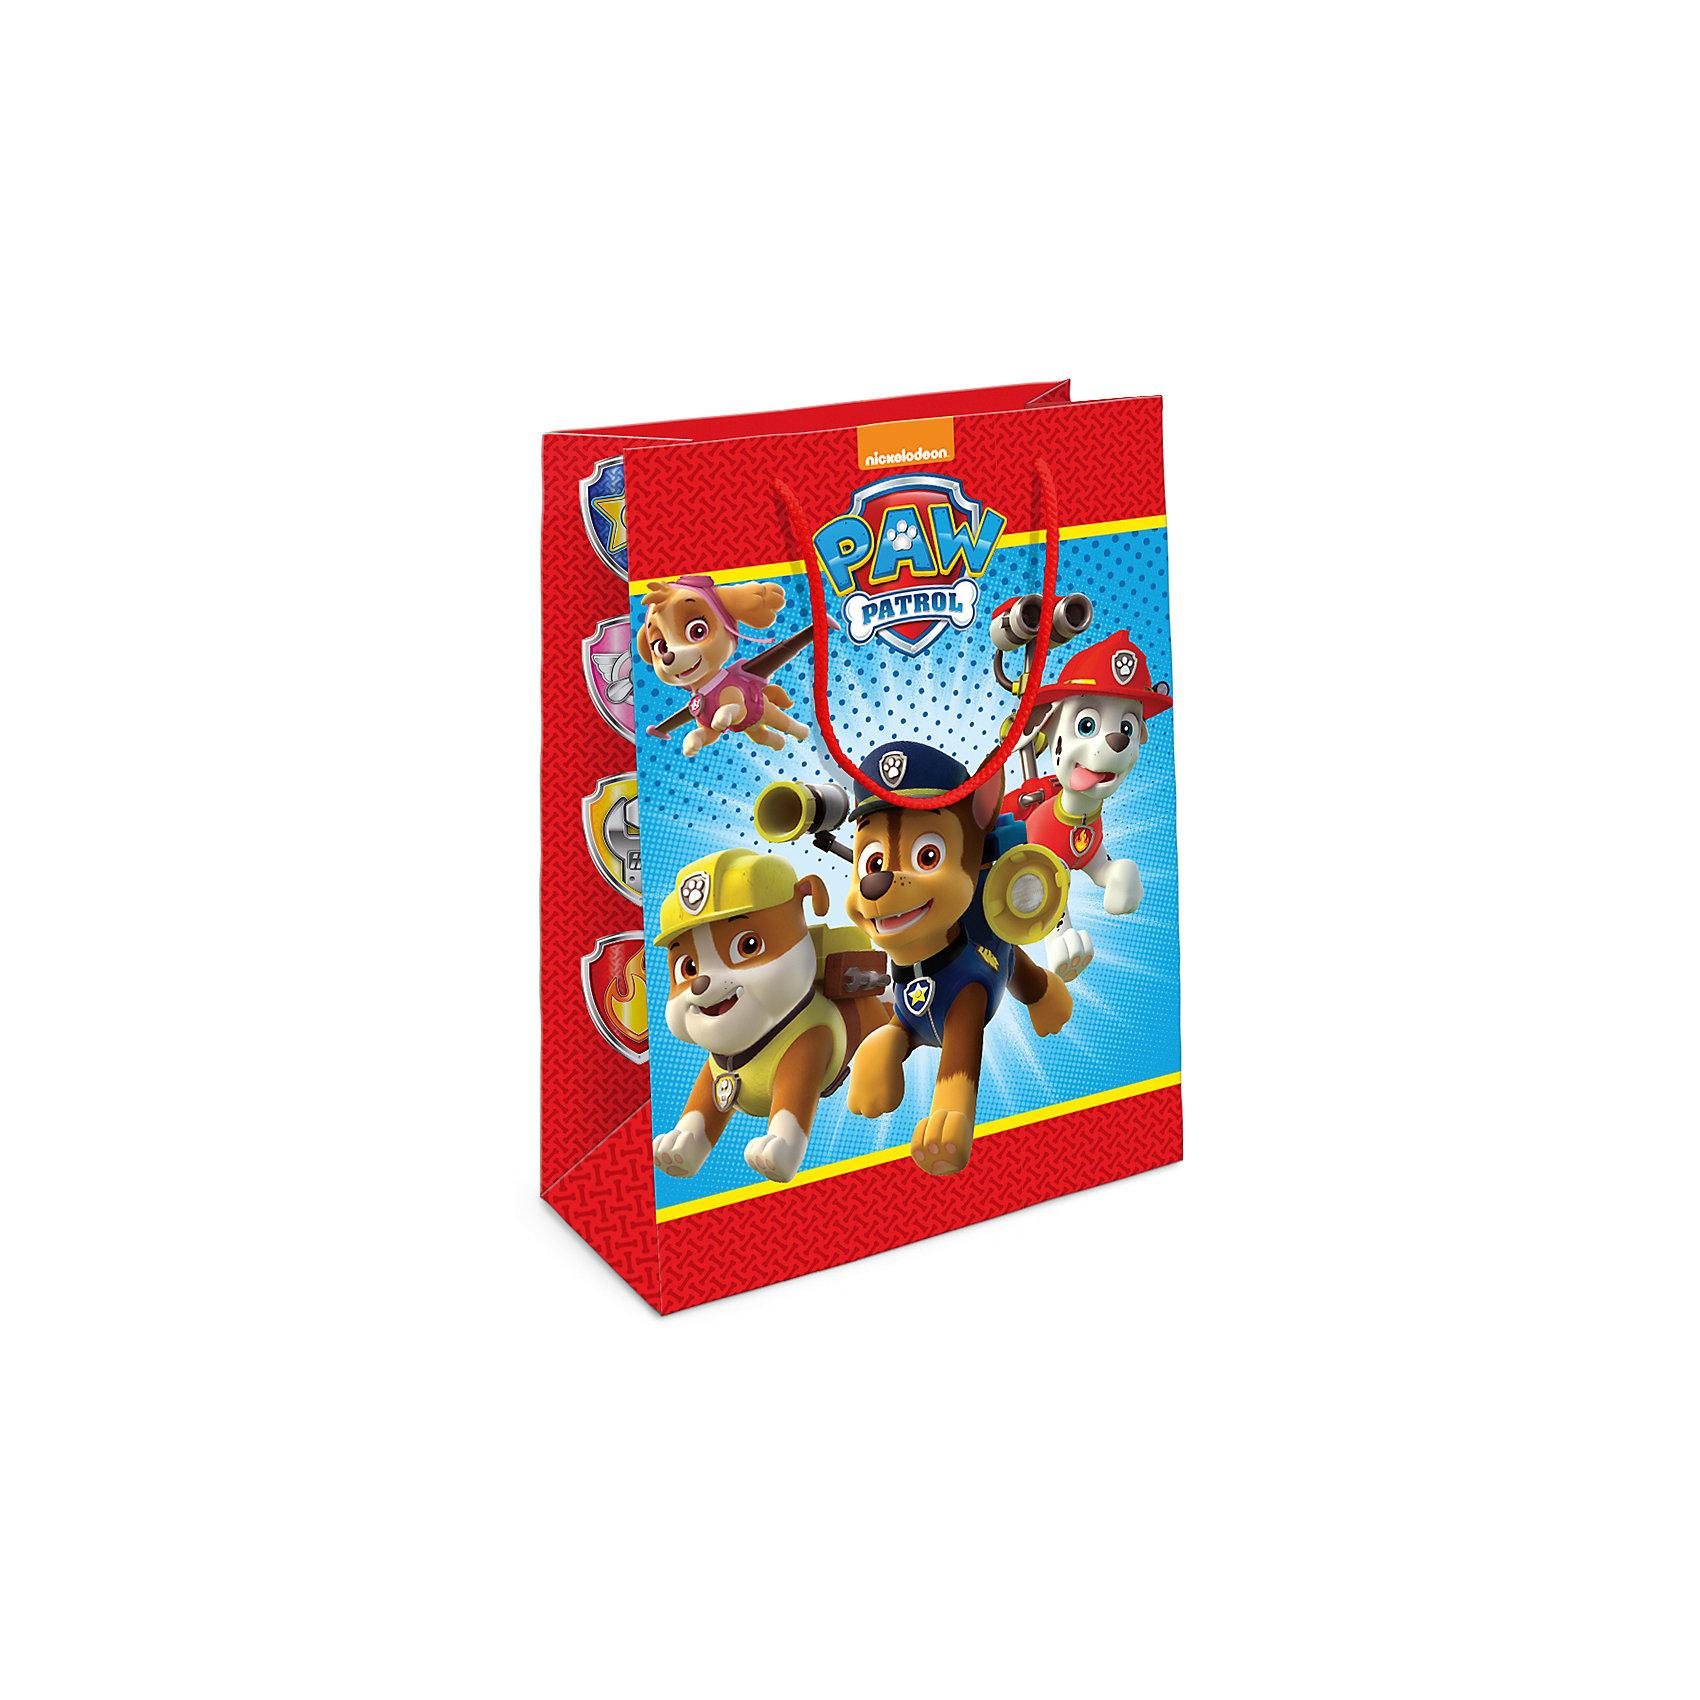 Пакет подарочный Щенячий патруль 350*250*90Всё для праздника<br>Подарочный бумажный пакет с веселыми и очаровательными героями мультфильма «Щенячий патруль» ярко украсит любой подарок и порадует малыша. Размер: 35х25х9 см. В ассортименте вы также сможете найти такой же пакет размером 23х18х10 см.<br><br>Ширина мм: 350<br>Глубина мм: 250<br>Высота мм: 5<br>Вес г: 61<br>Возраст от месяцев: 60<br>Возраст до месяцев: 120<br>Пол: Унисекс<br>Возраст: Детский<br>SKU: 5016468